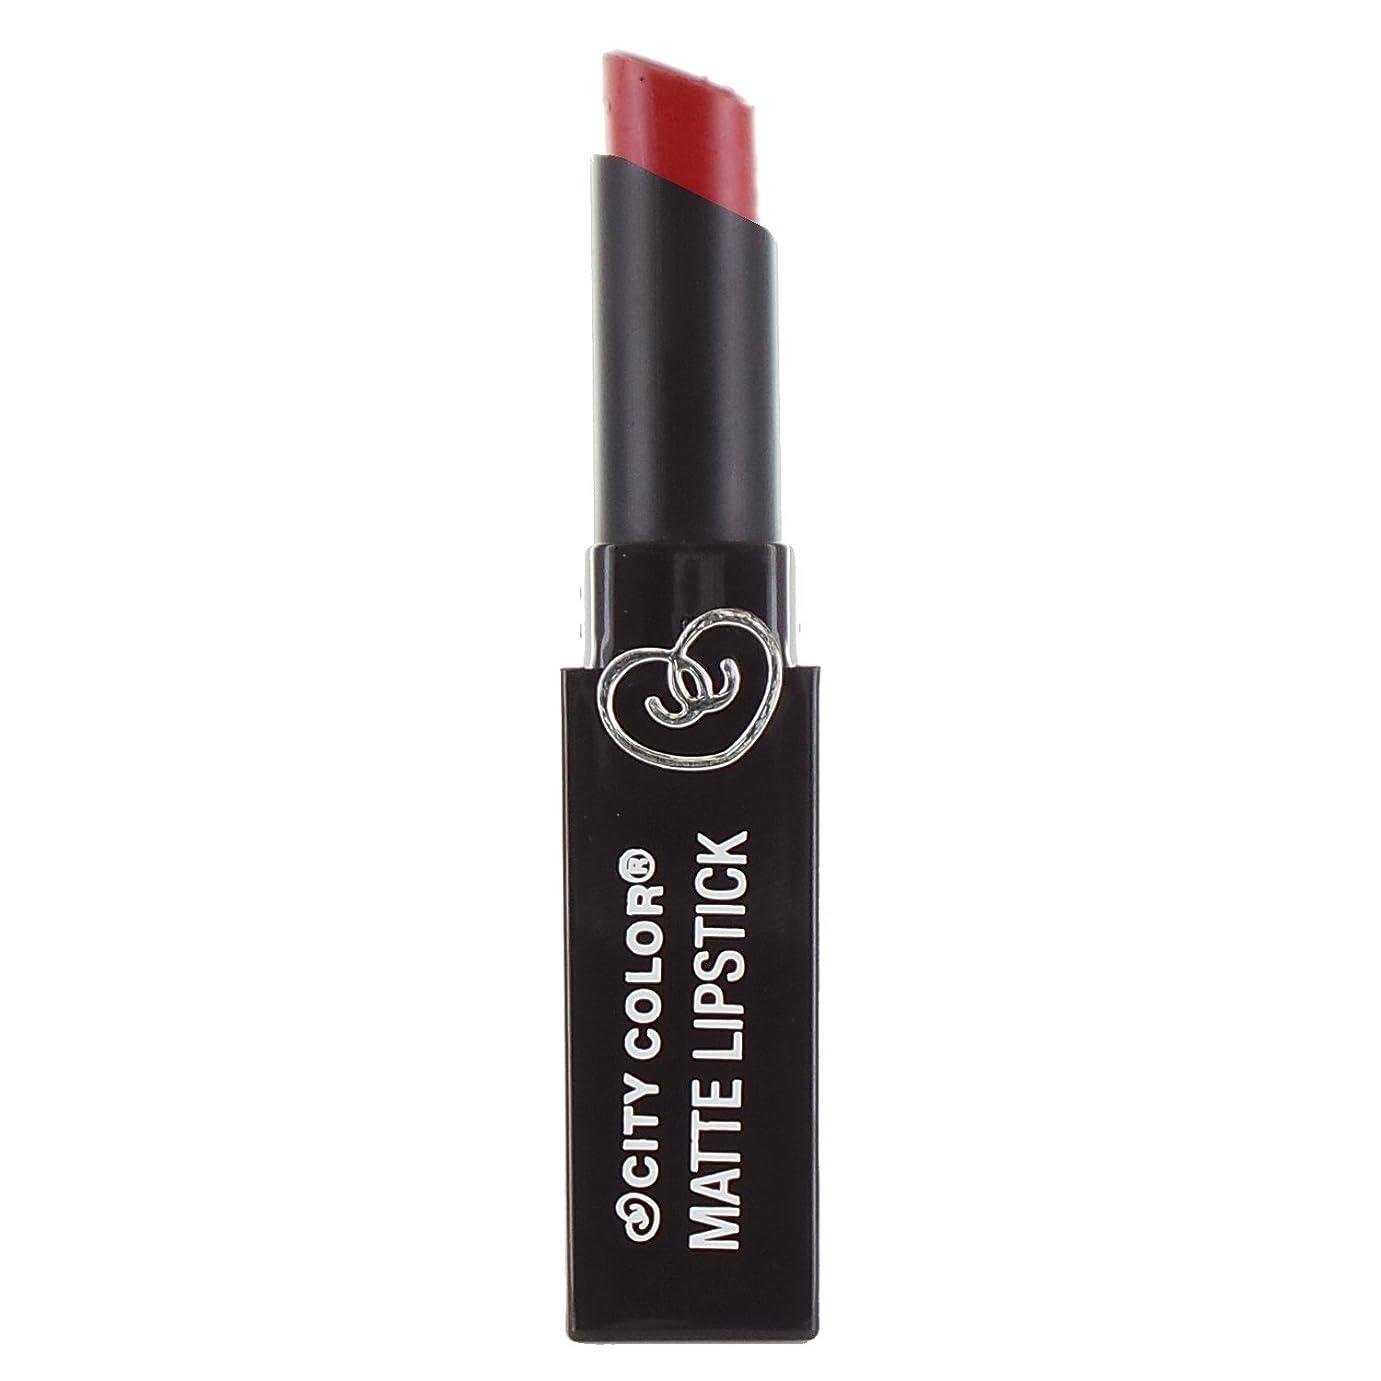 紛争分解する非アクティブ(3 Pack) CITY COLOR Matte Lipstick L0050 - Red (並行輸入品)